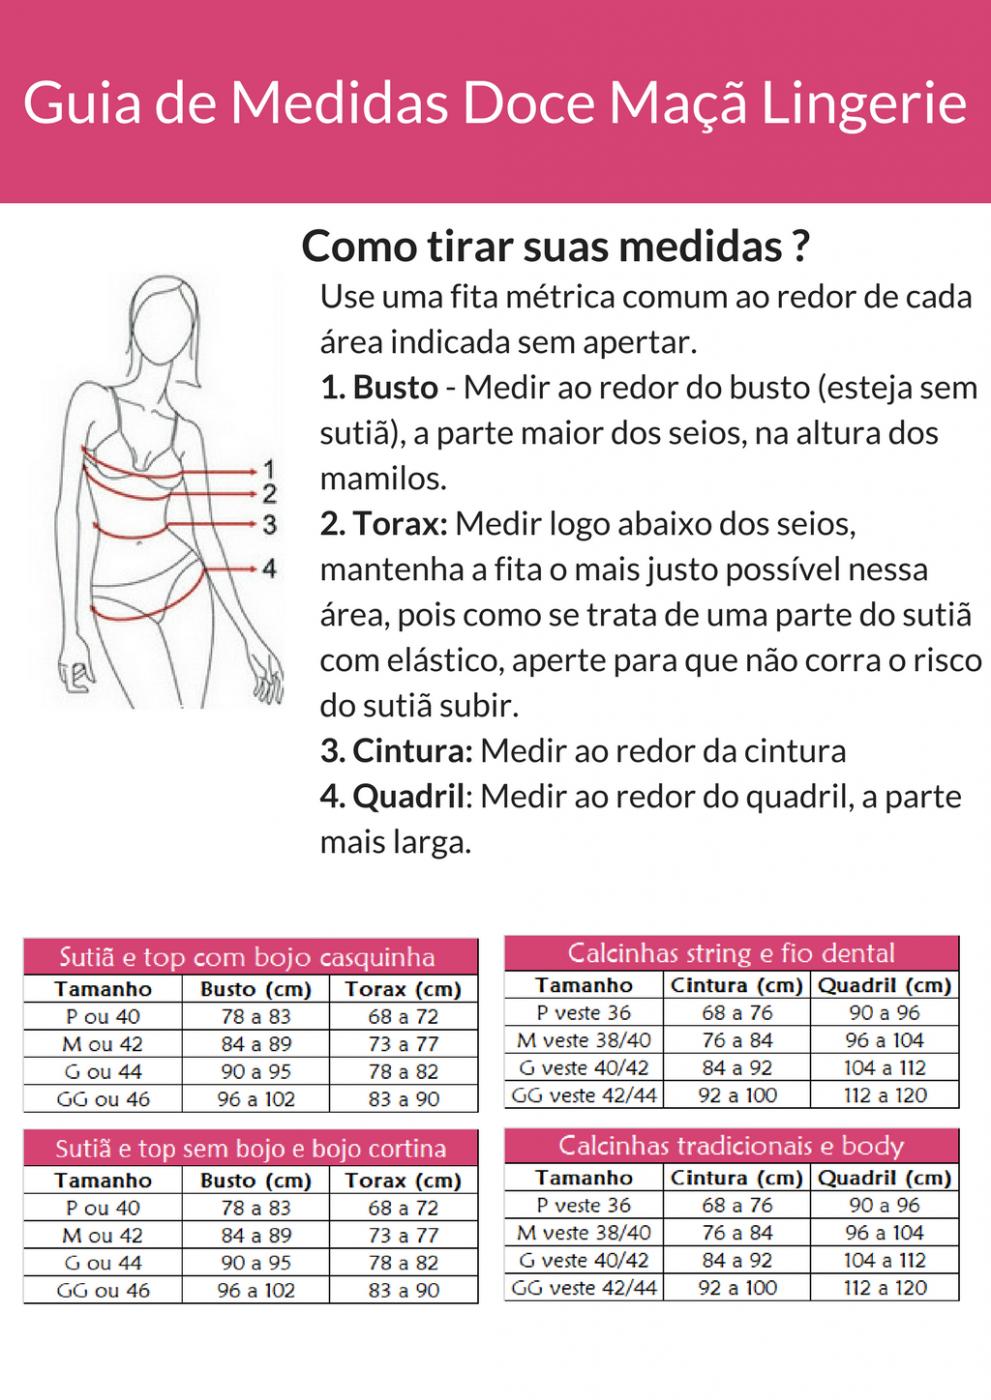 fe05e80a6 Loja online de Doce maçã lingerie - Tabela de Medidas